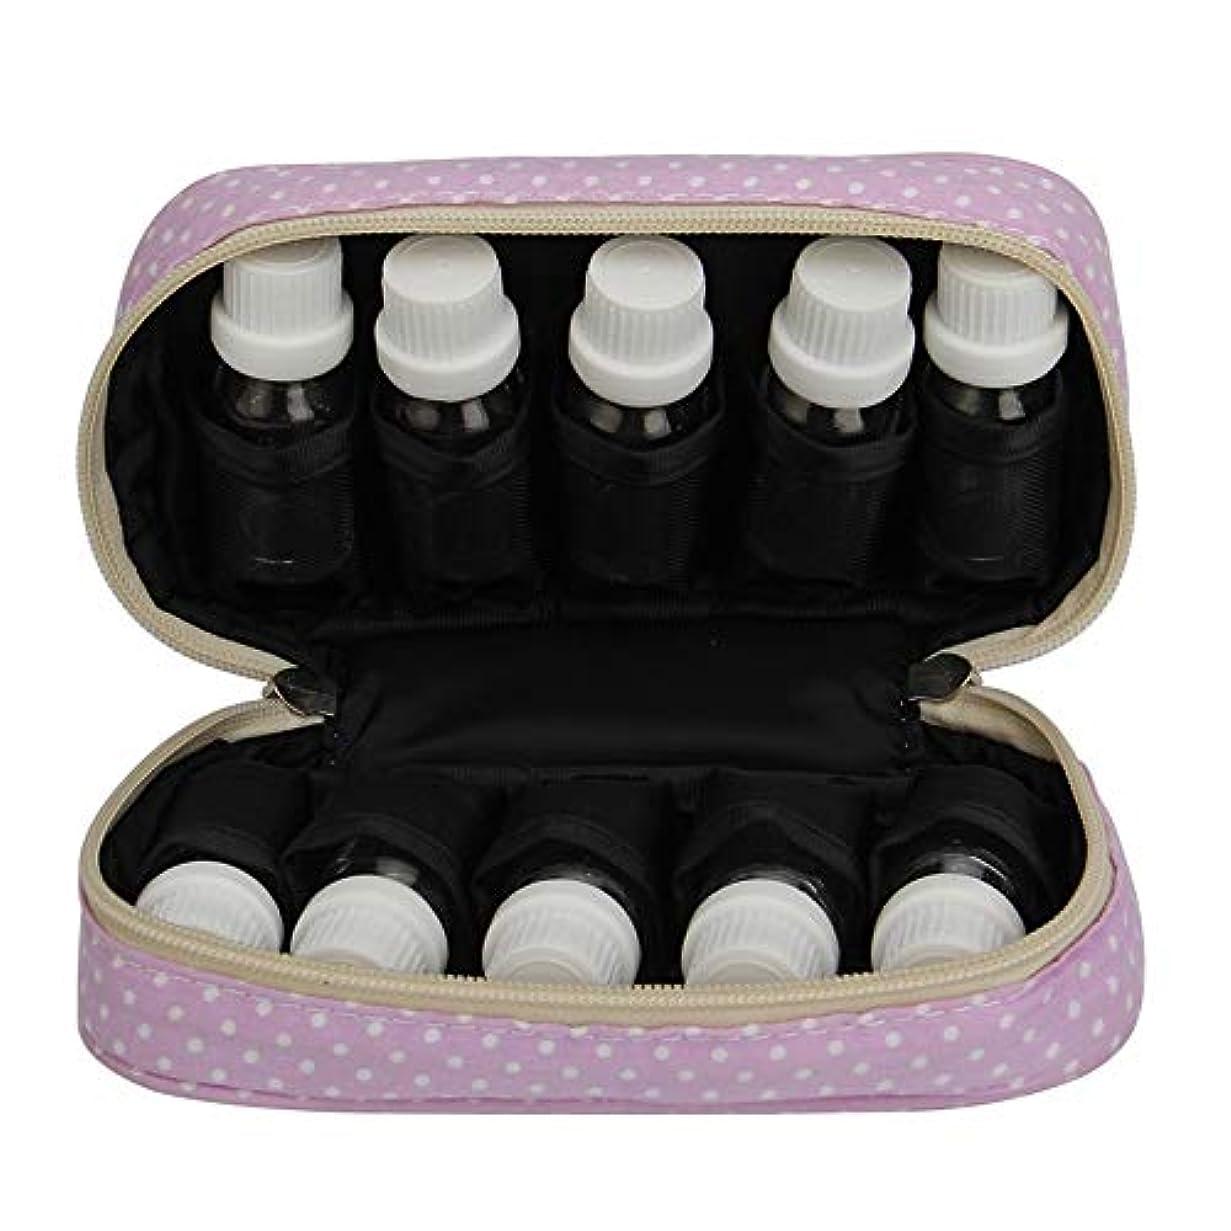 視力戦闘リールエッセンシャルオイルストレージボックス エッセンシャルオイルキャリングケースは、10本のボトル10-15MLトラベルオーガナイザーポーチバッグパープルを開催します 旅行およびプレゼンテーション用 (色 : 紫の, サイズ...